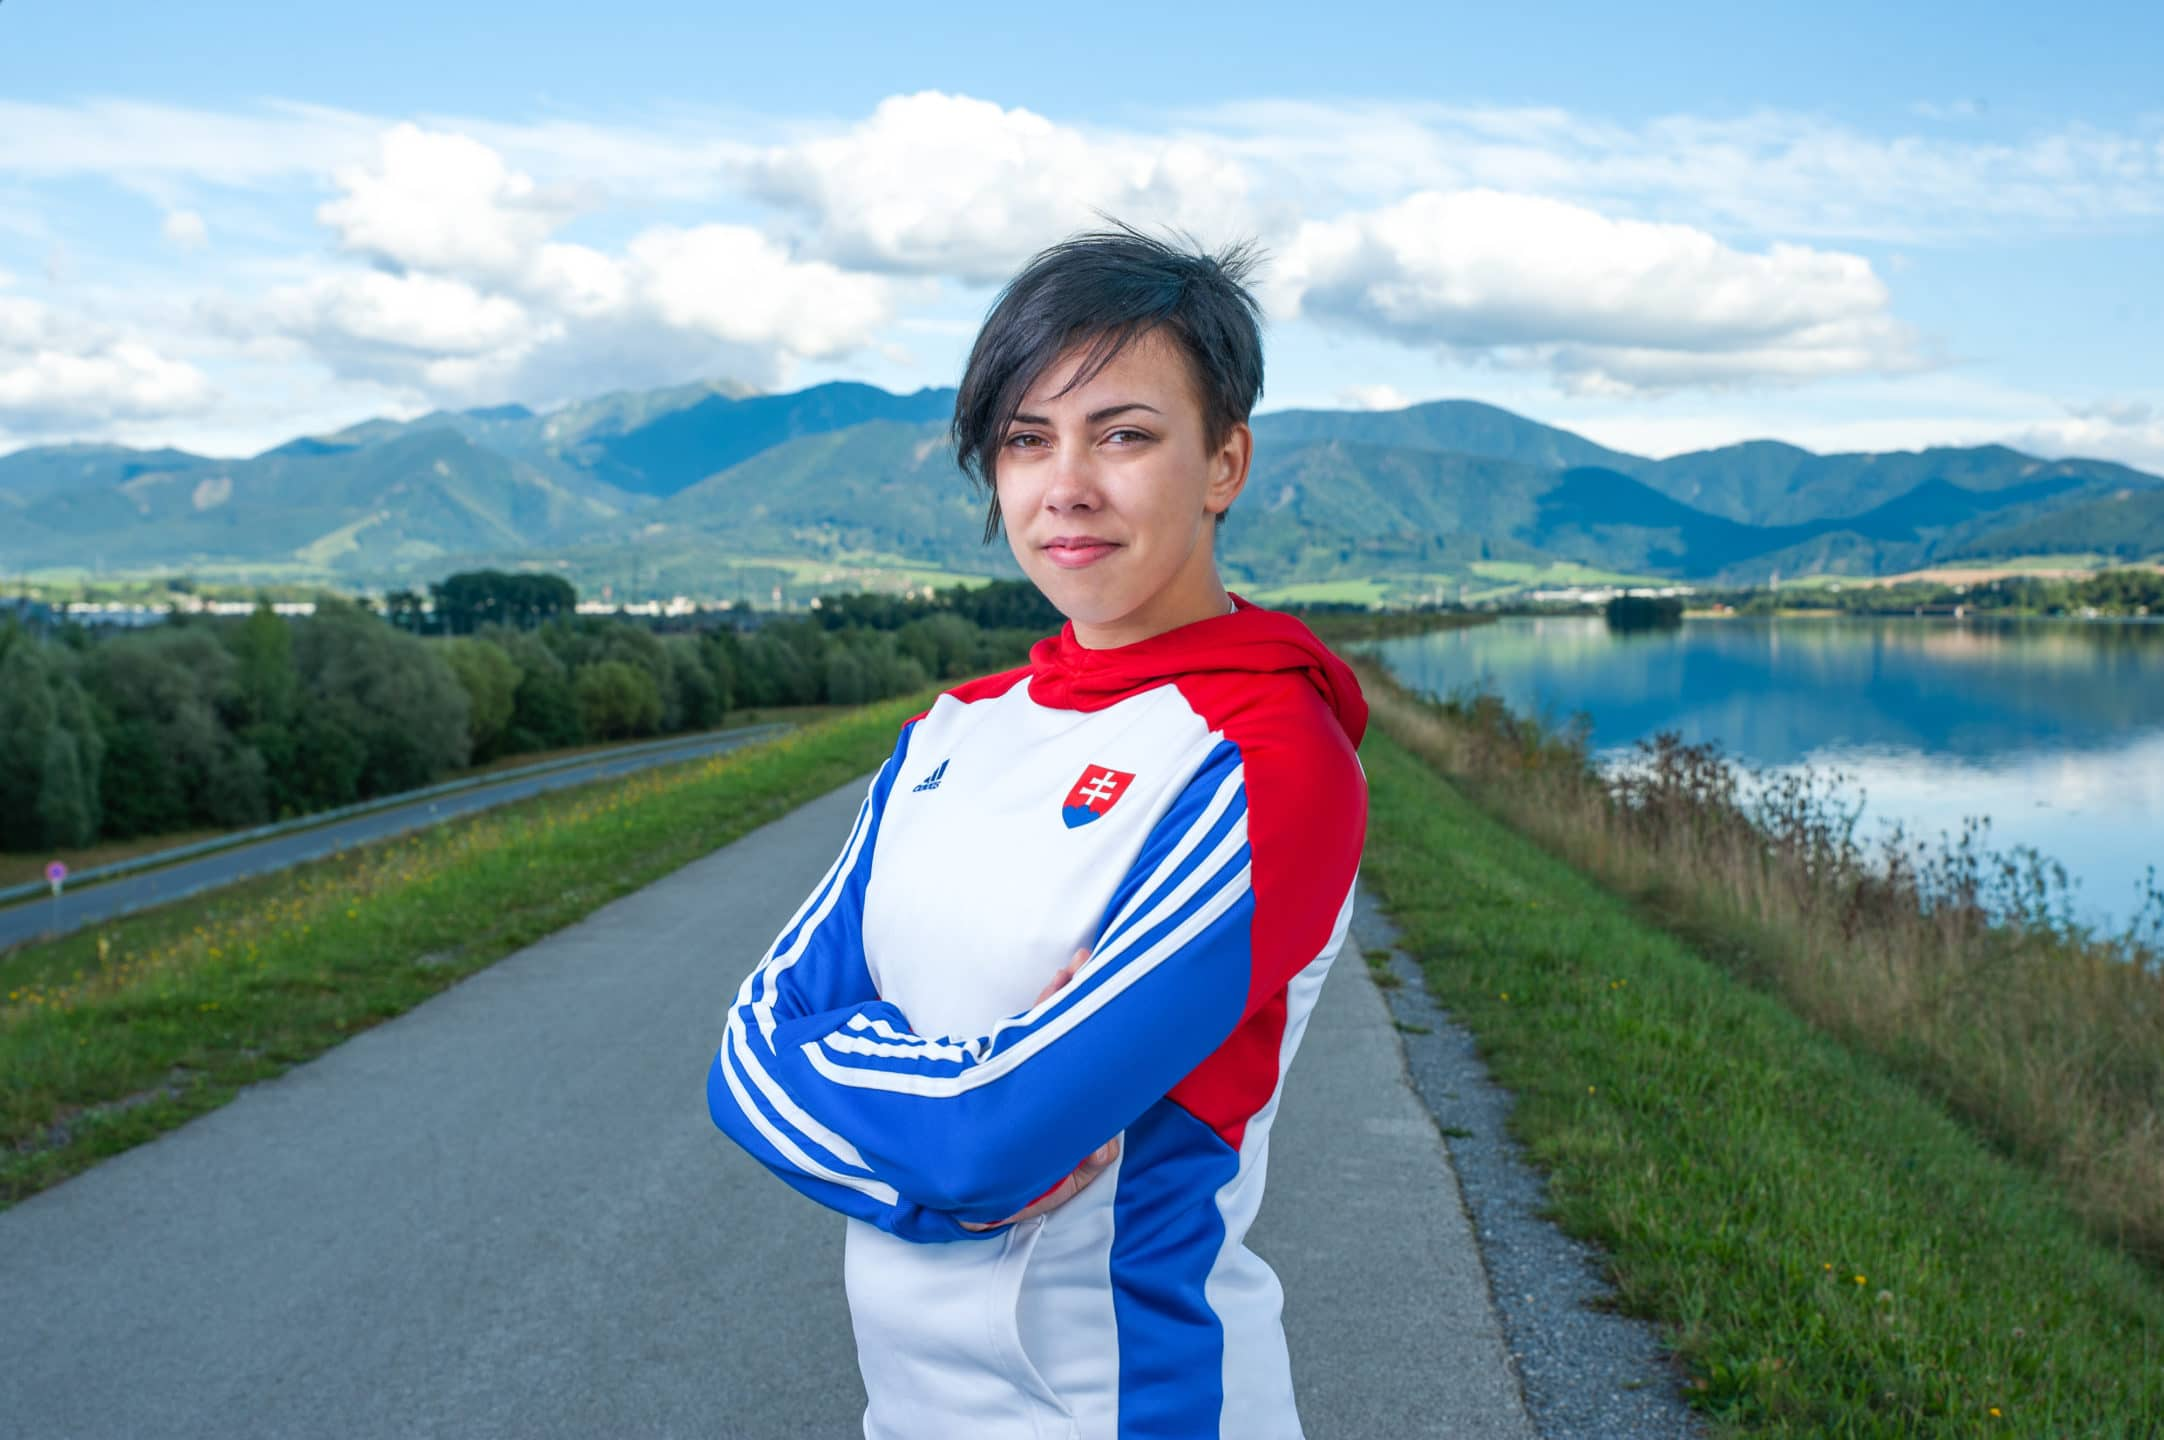 reprezentantka slovenska pozuje na hradzi pri rieke v pozady krajina